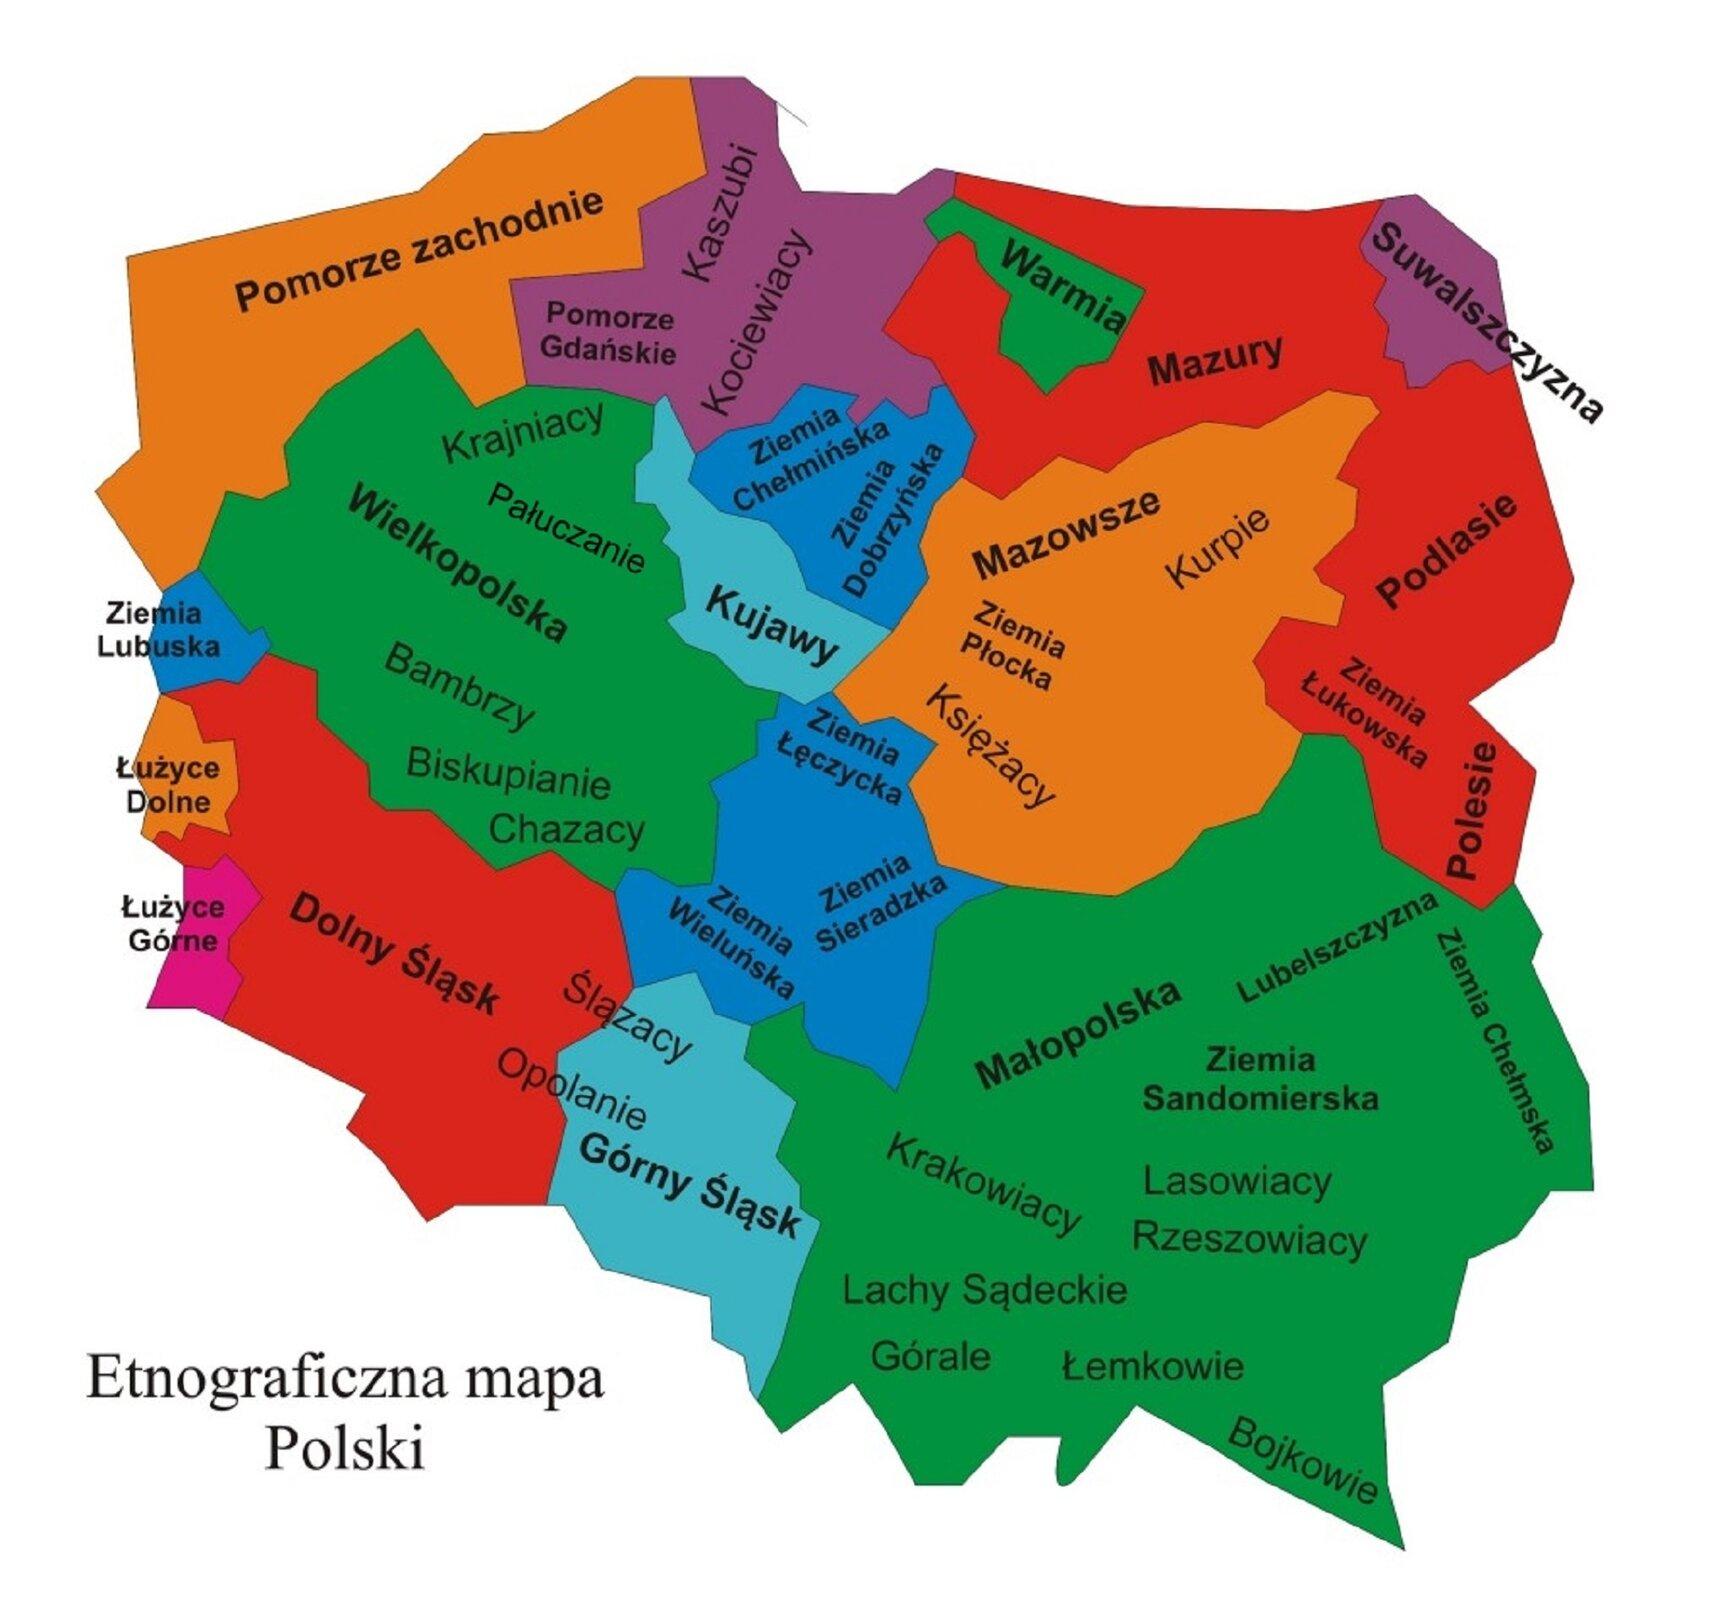 Ilustracja przedstawia etnograficzną mapę regionów Polski. Regiony zaznaczone są różnymi kolorami zopisem regionów: Ziemia Lubuska, Łużyce Dolne, Łużyce Górne, Pomorze zachodnie, Dolny Śląsk, Krajniacy, Pałuczanie, Wielkopolska, Bambrzy, Biskupianie, Chazacy, Pomorze Gdańskie, Kaszubi, Kociewiacy, Kujawiacy, Ziemia Łęczycka, Ziemia Sieradzka, Ziemia Wielunska, Ślązacy, Opolanie, Górny Śląsk, Warmia, Mazury, Suwalszczyzna, Mazowsze, Kurpie, Ziemia Płocka, Księżacy, Małopolska, Krakowacy, Lachy Sądeckie, Górale, Lubelszczyzna, Ziemia Sandomierska, Lasowiacy Rzeszowiacy, Łemkowie, Bojkowie, Ziemia Chełmska, Polesie, Podlasie, Ziemia Łukowska.